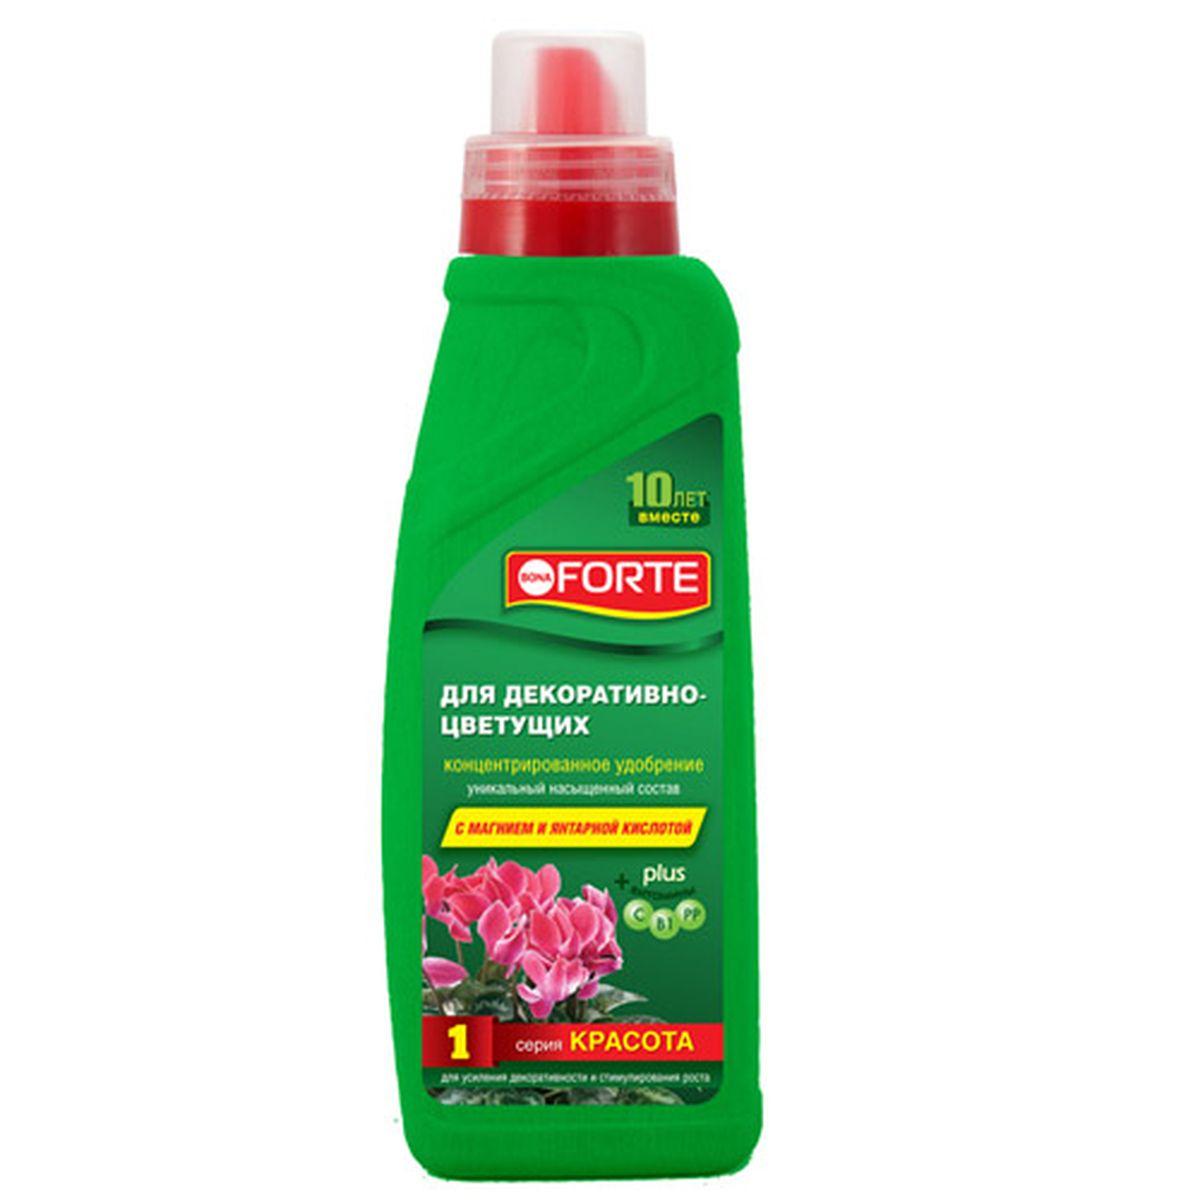 Жидкое комплексное удобрение Bona Forte, для декоративно-цветущих, 750 мл391602Рекомендуется для пышного и обильного цветения, активной бутонизации и укрепления иммунитета растений.Концентрированное удобрение содержит полный комплекс веществ, необходимых для полноценного и сбалансированного питания растений:- высокая доля (15 %) основных элементов (NPK), обеспечивающих усиленное питание для растений; - высокая доля (0,6%) мезоэлемента (Mg), усиливающего процесс фотосинтеза;- комплекс основных микроэлементов в хелатной форме, что способствует полному их усвоению; - комплекс витаминов для поддержания и укрепления иммунной системы растений;- регулятор роста для стимулирования роста растений.